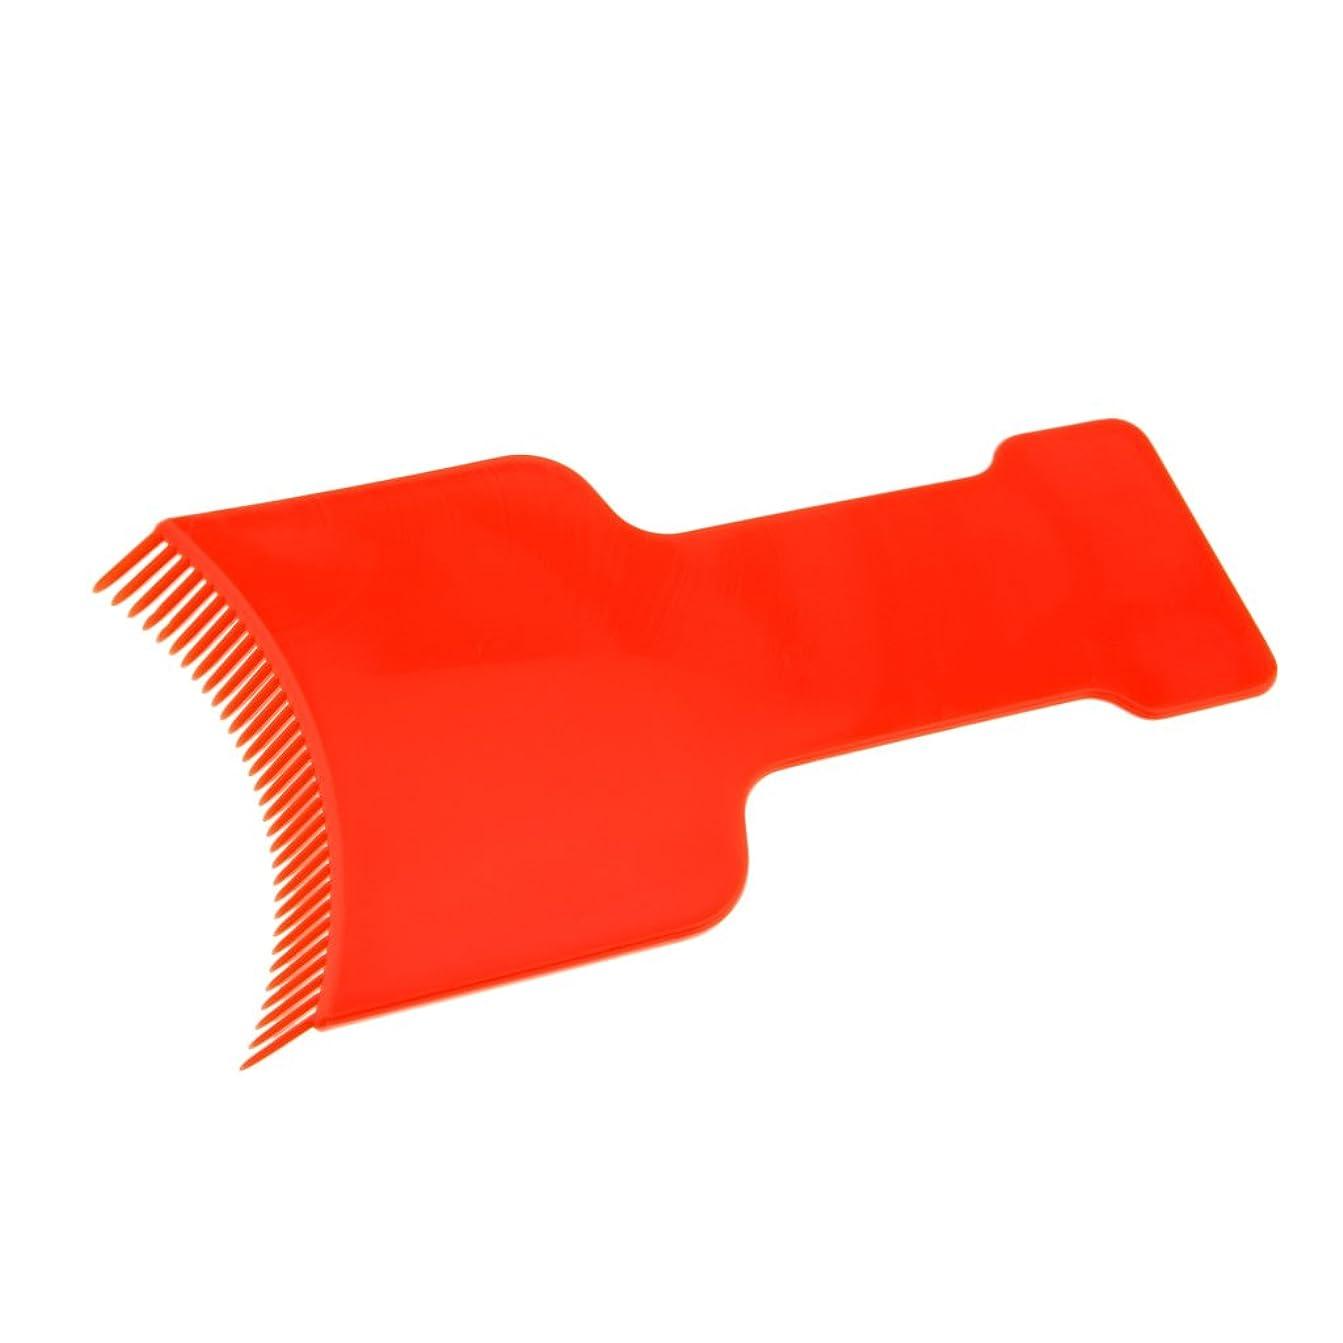 鰐サンダーを通してDYNWAVE 染色ボード 染色櫛 プレート ヘアダイコーム ヘアダイブラシ ヘアカラーリング用品